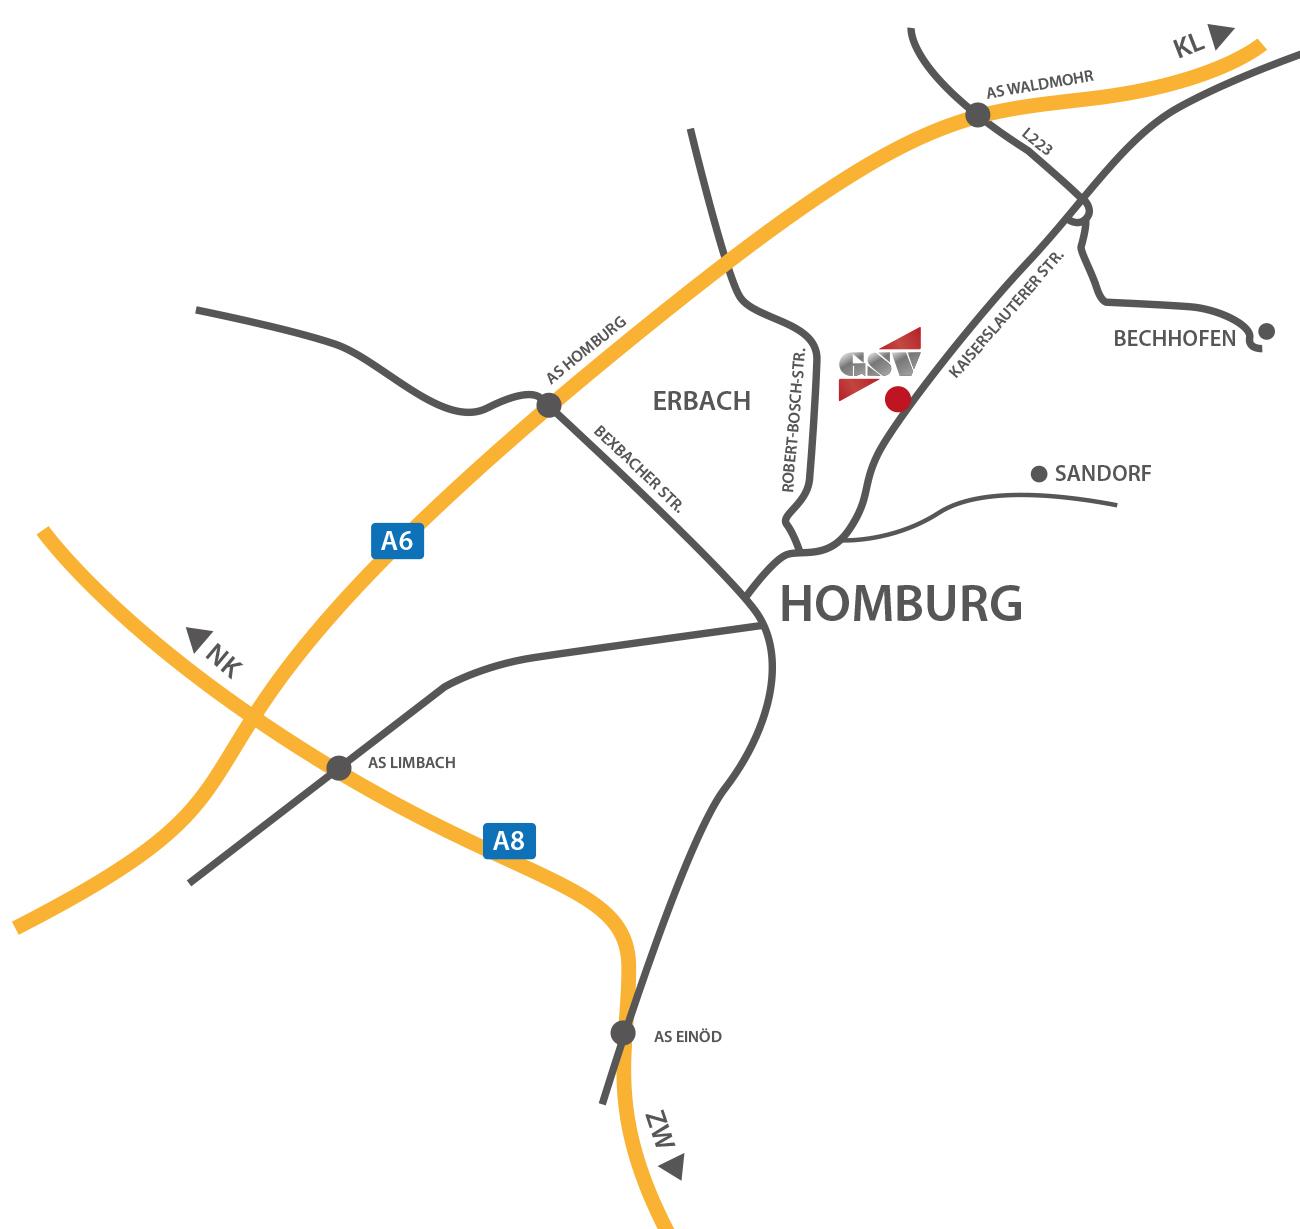 Anfahrtsskizze GSV Strassenverkehrssicherung Homburg